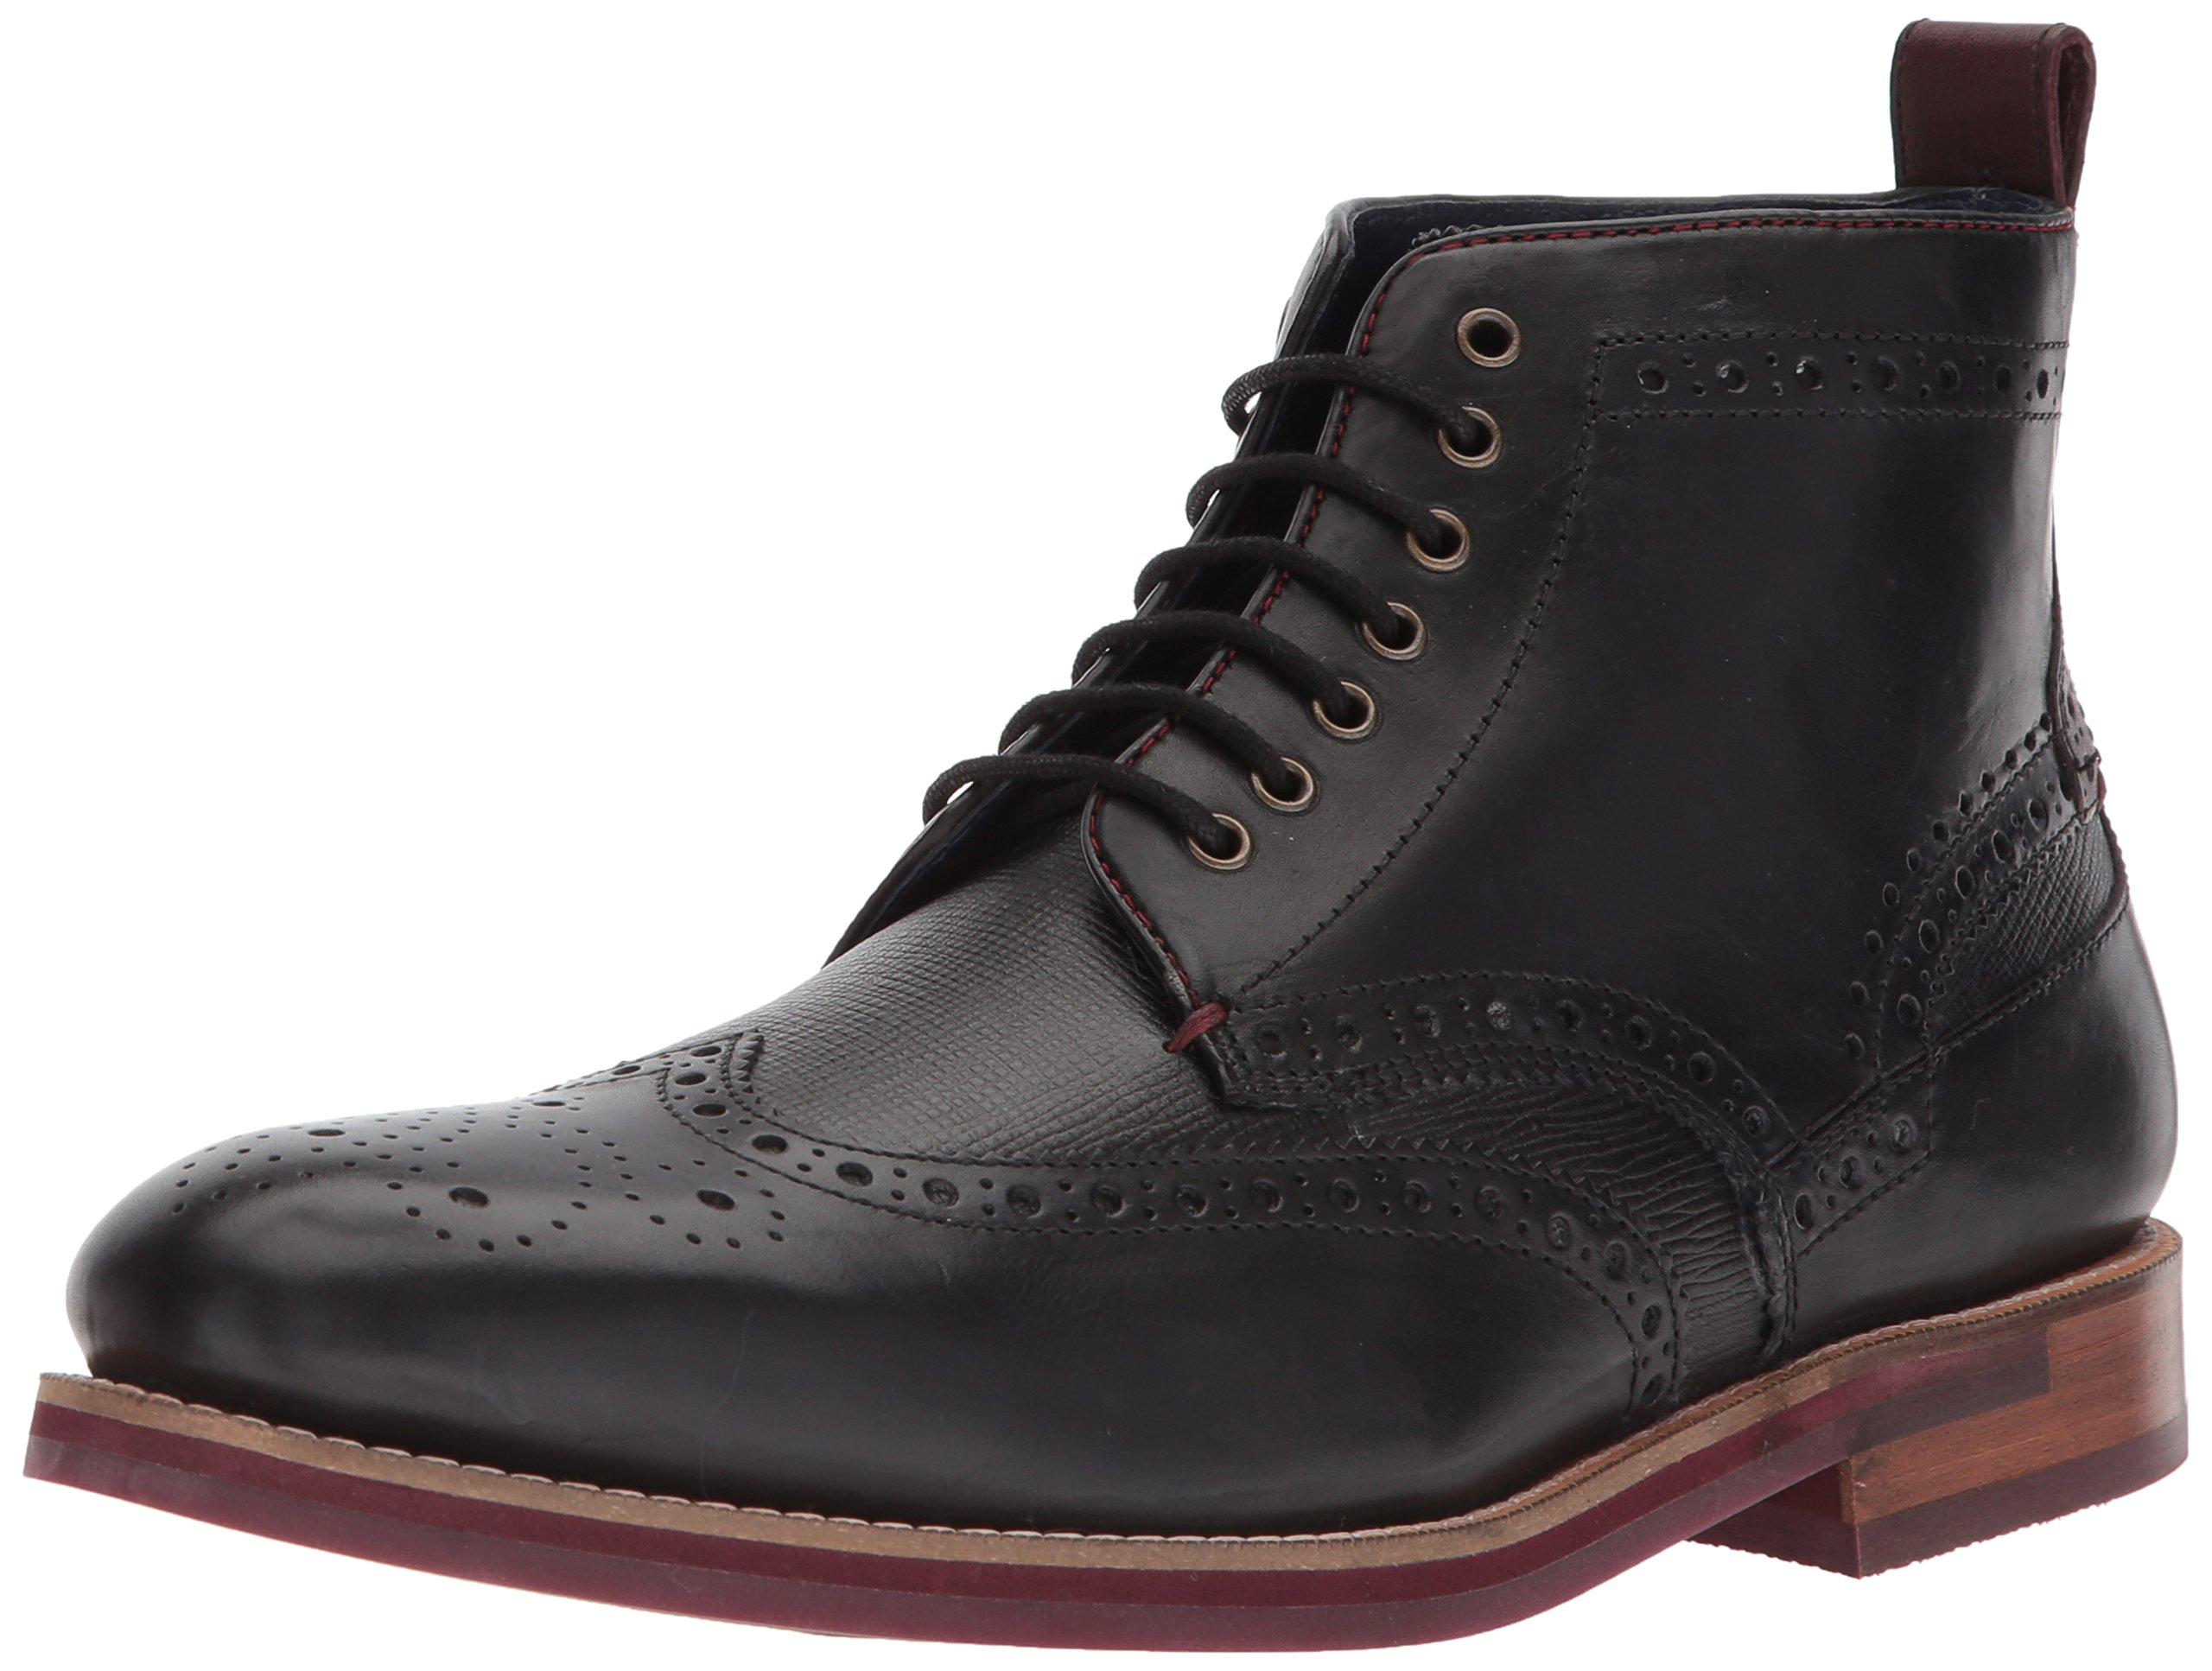 Ted Baker Men's Hjenno Boot, Black, 12 D(M) US